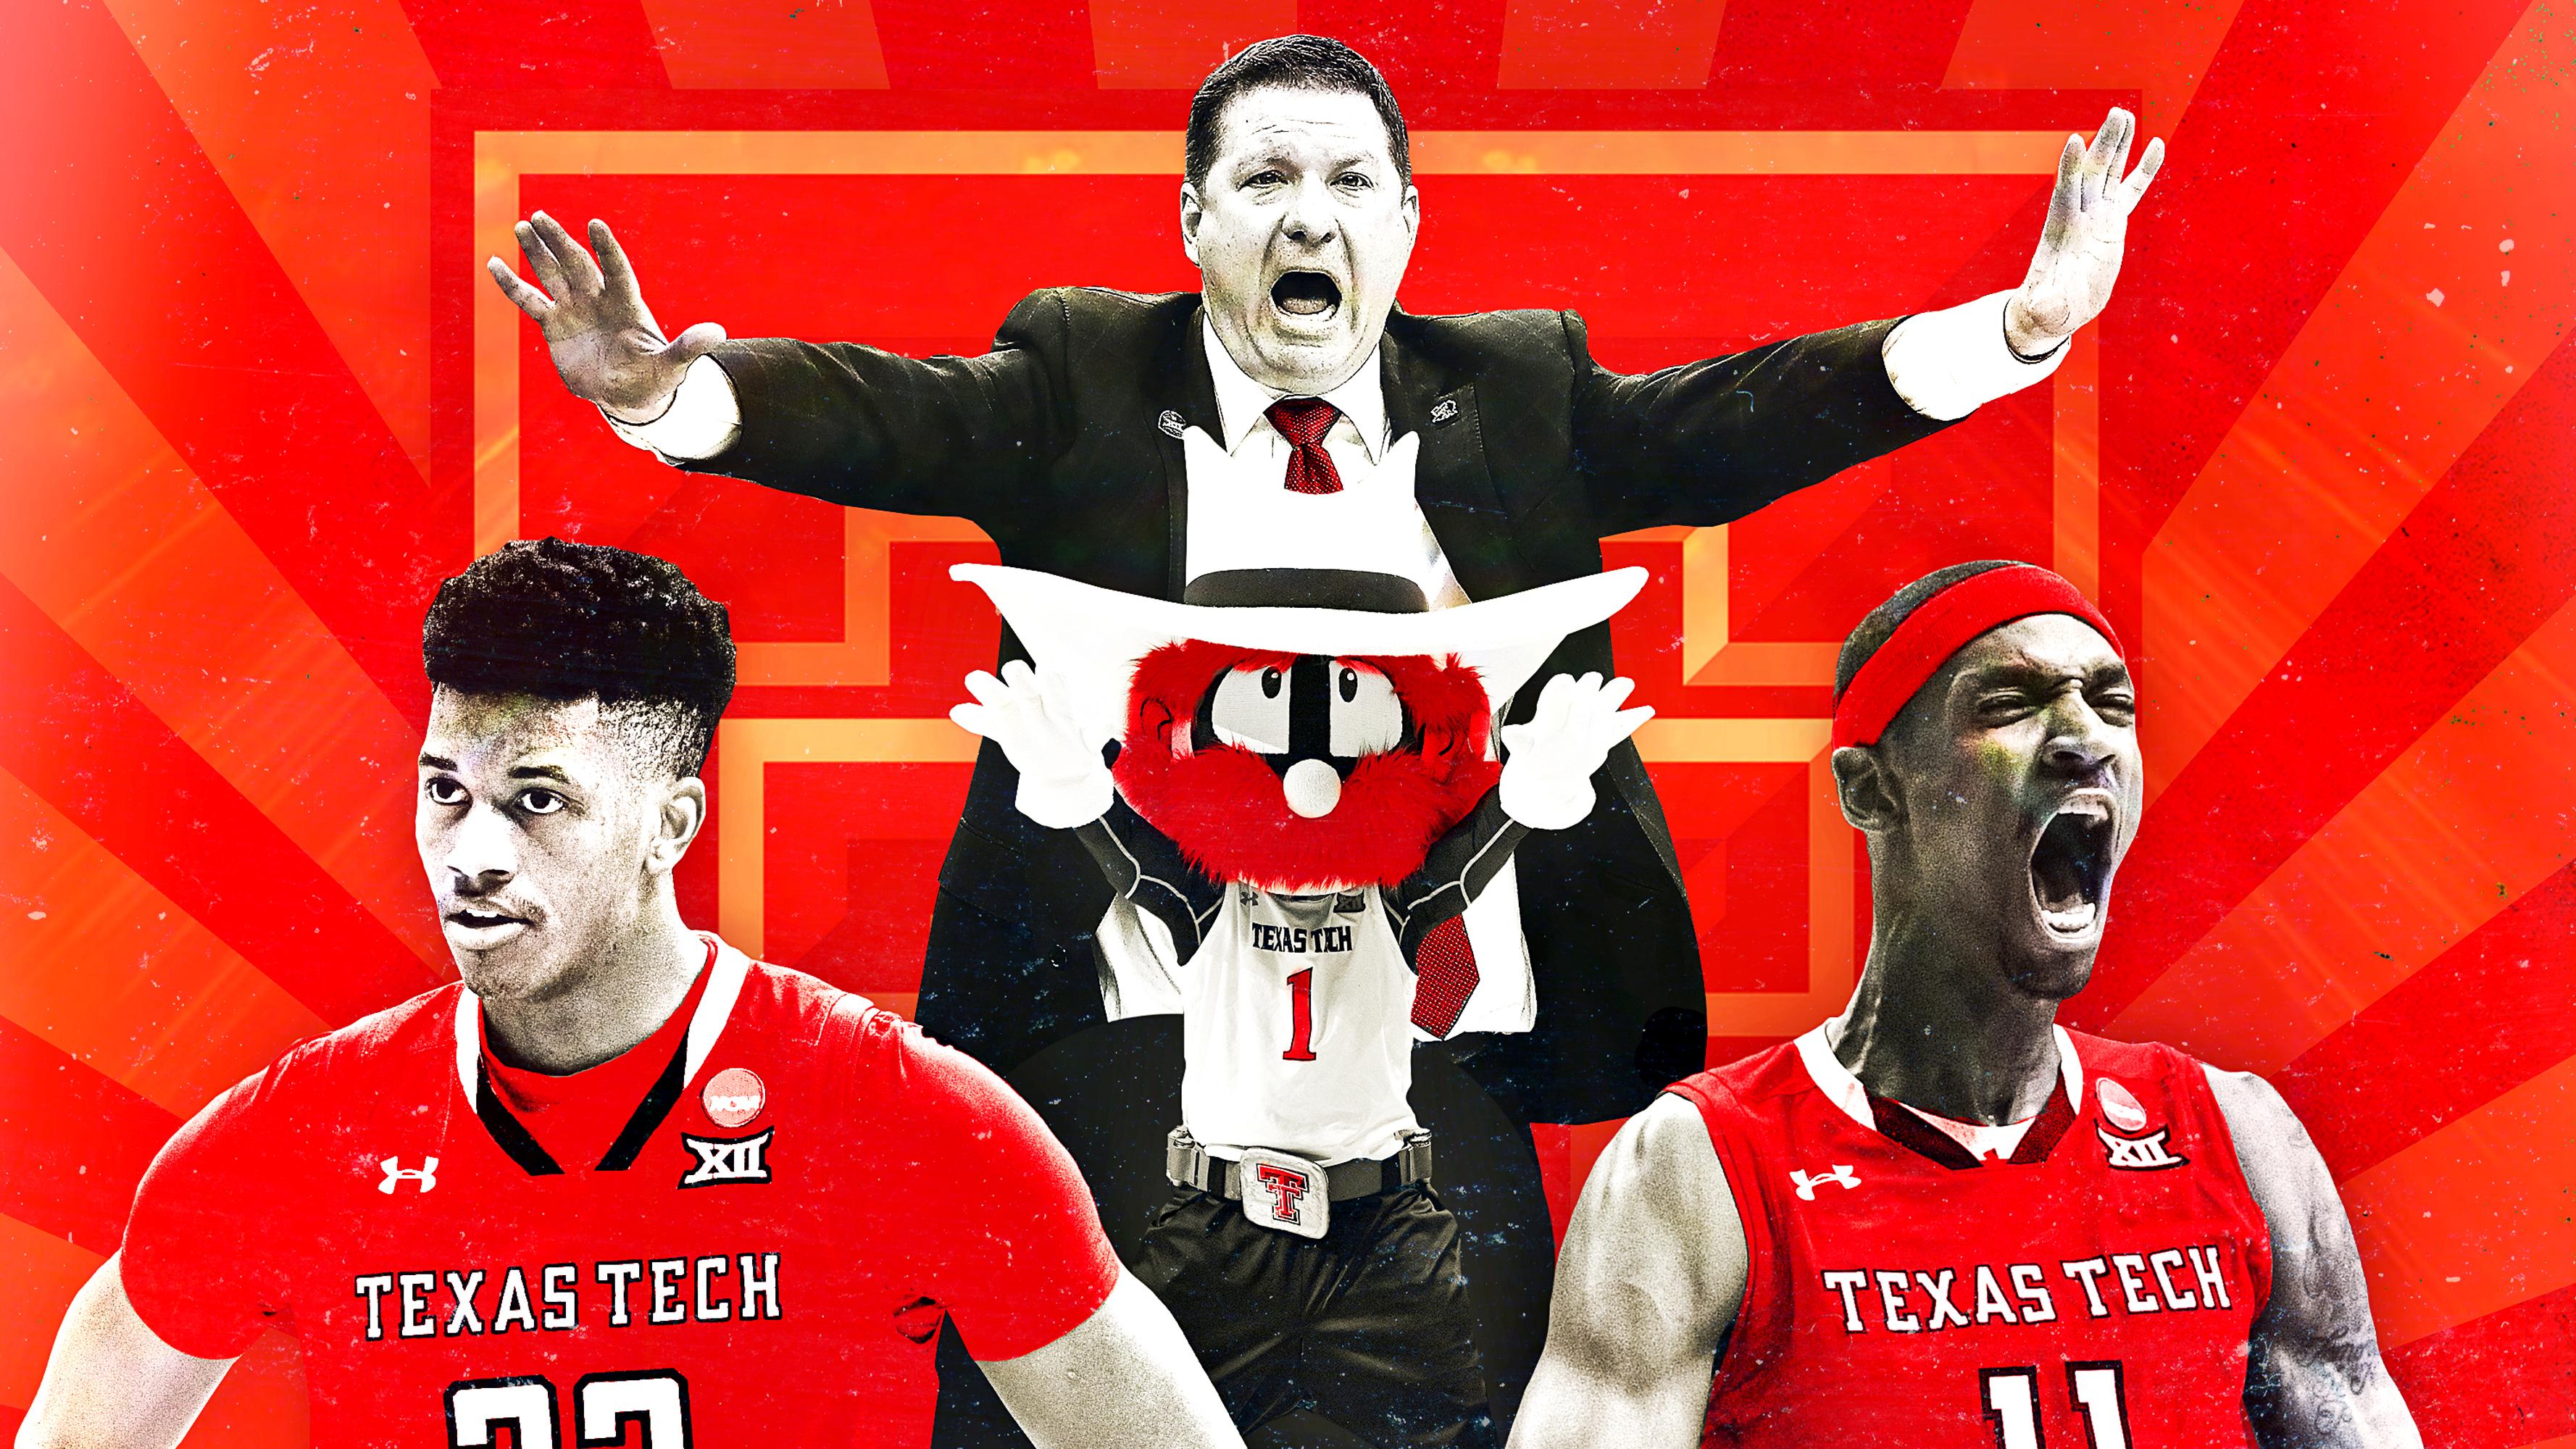 b9519d42f How Chris Beard Built Texas Tech Into College Basketball s Most Unlikely  Juggernaut